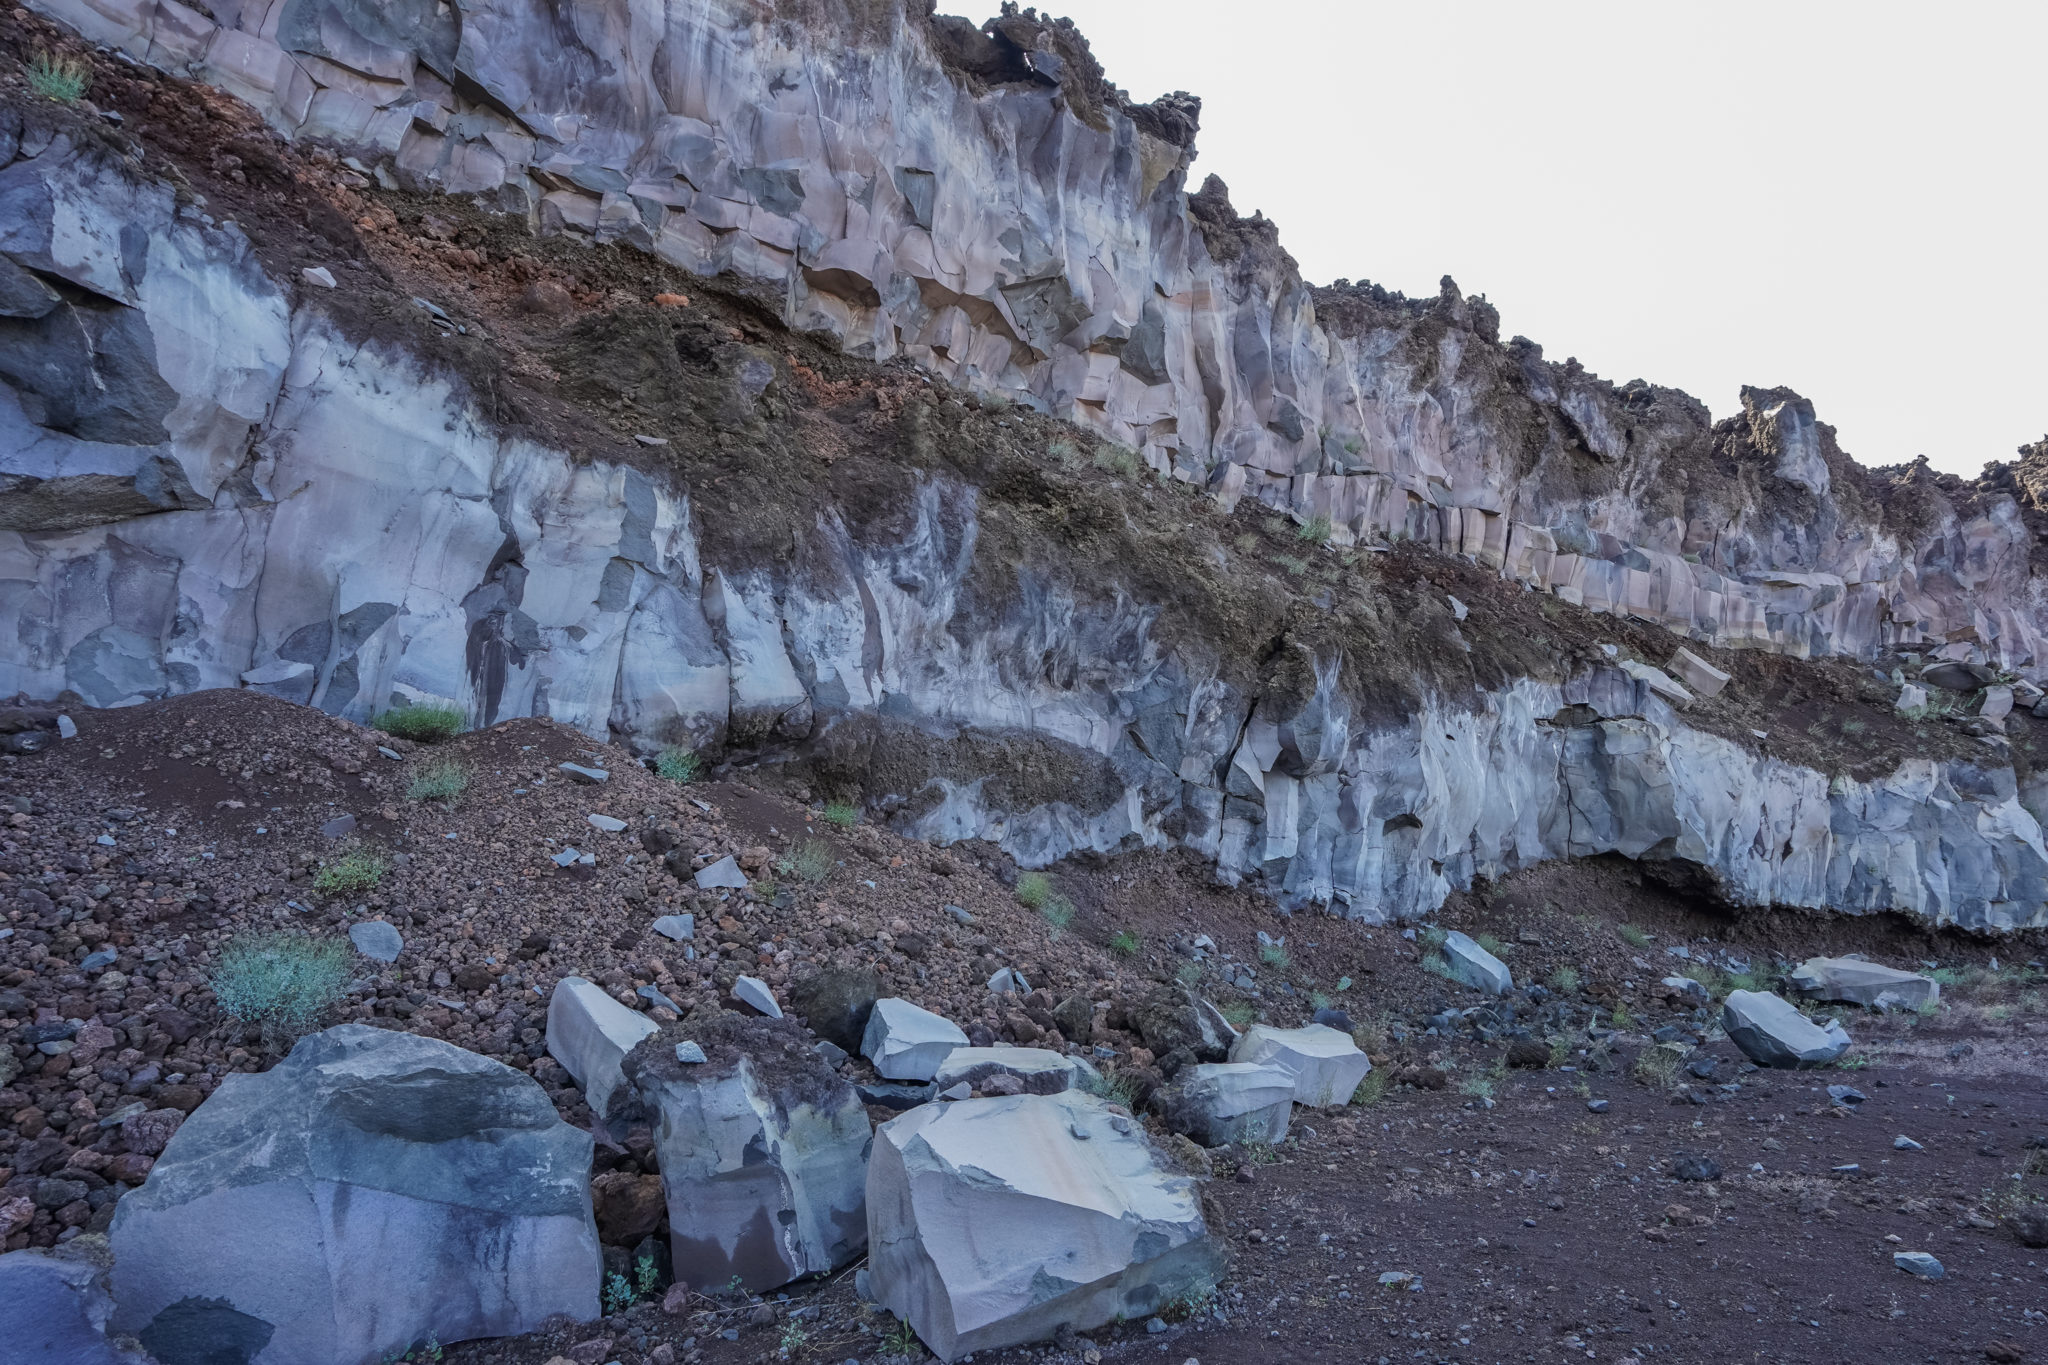 Etna-volcan-sicile-excursion-lave-eruption-basalte